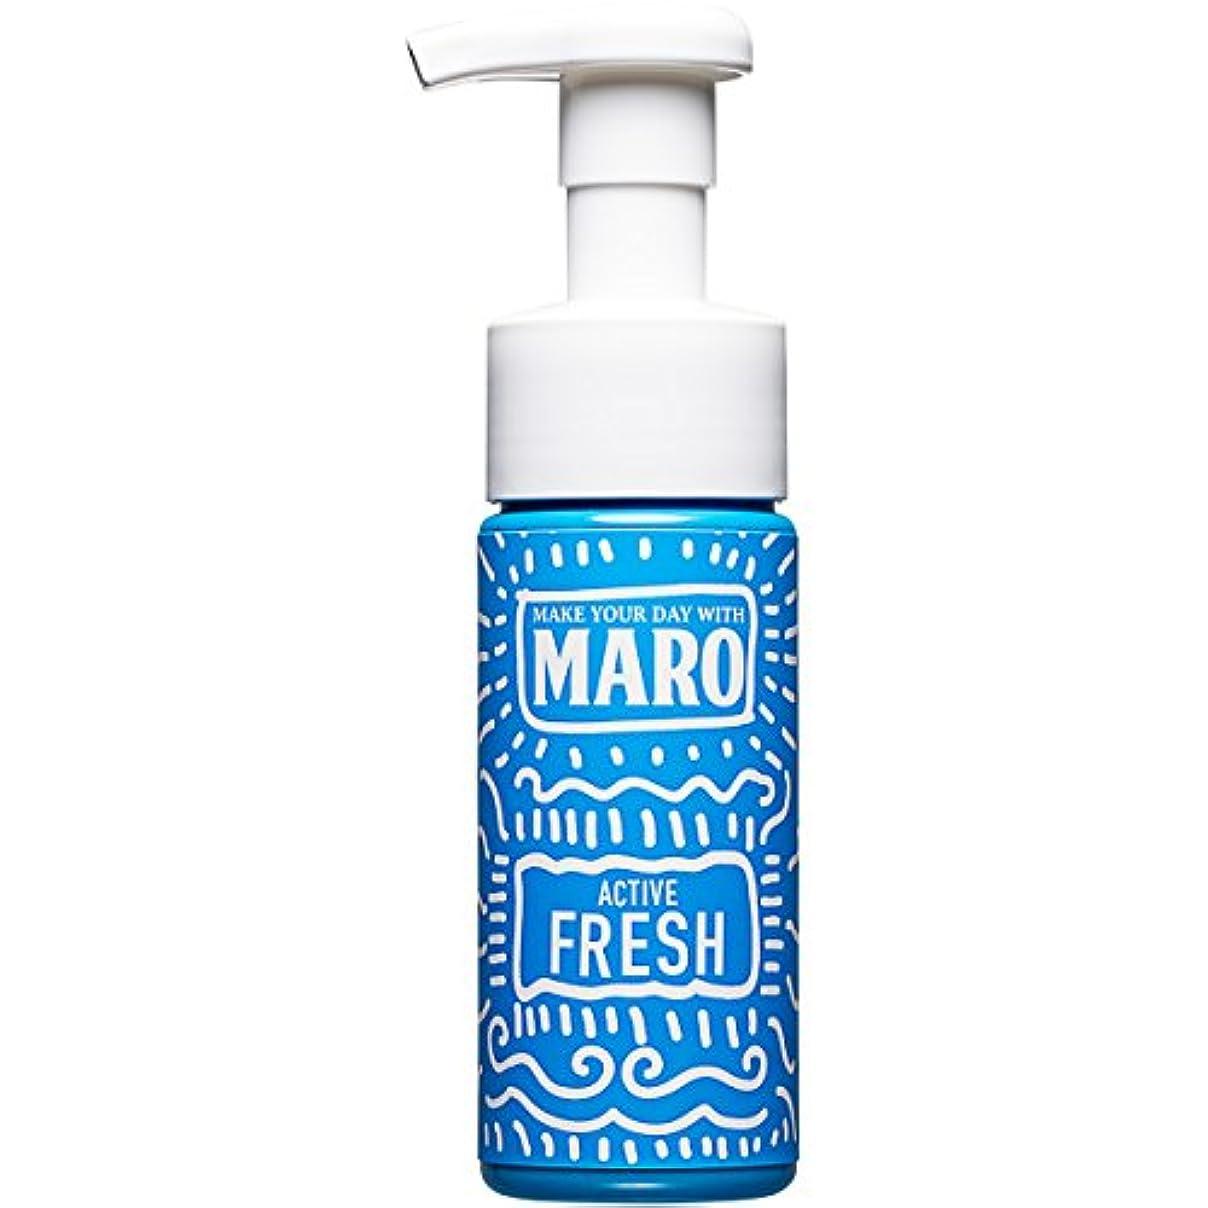 検閲バルーンコンパスMARO グルーヴィー 泡洗顔 アクティブフレッシュ 150ml